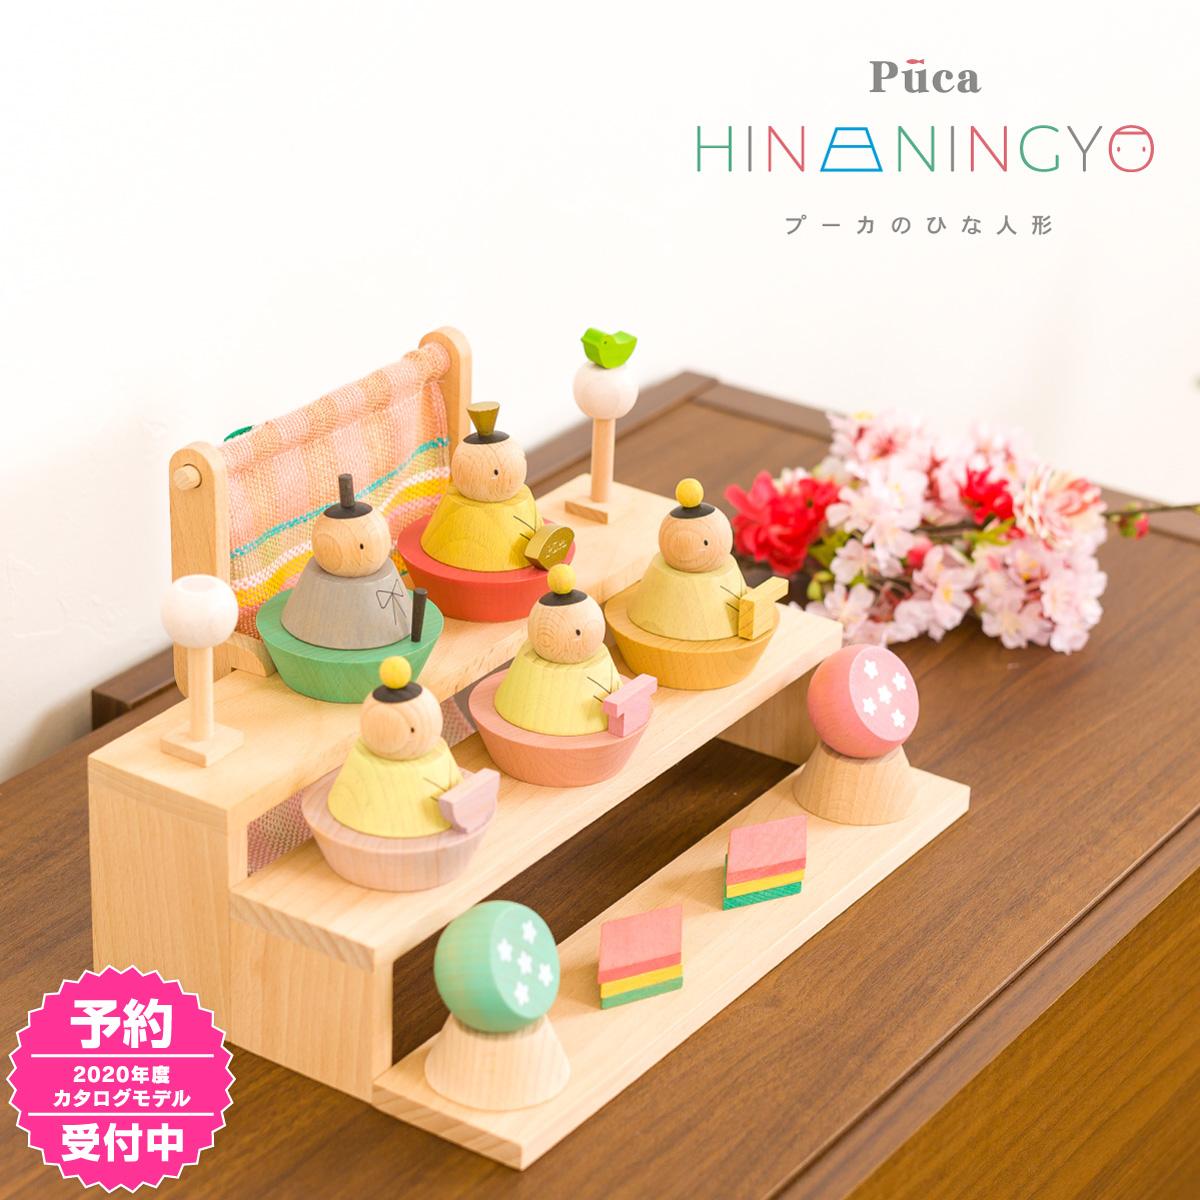 雛人形 コンパクト 木製 プーカのひな人形 【2020年モデル 予約】 puca ひな人形 小さい 特選